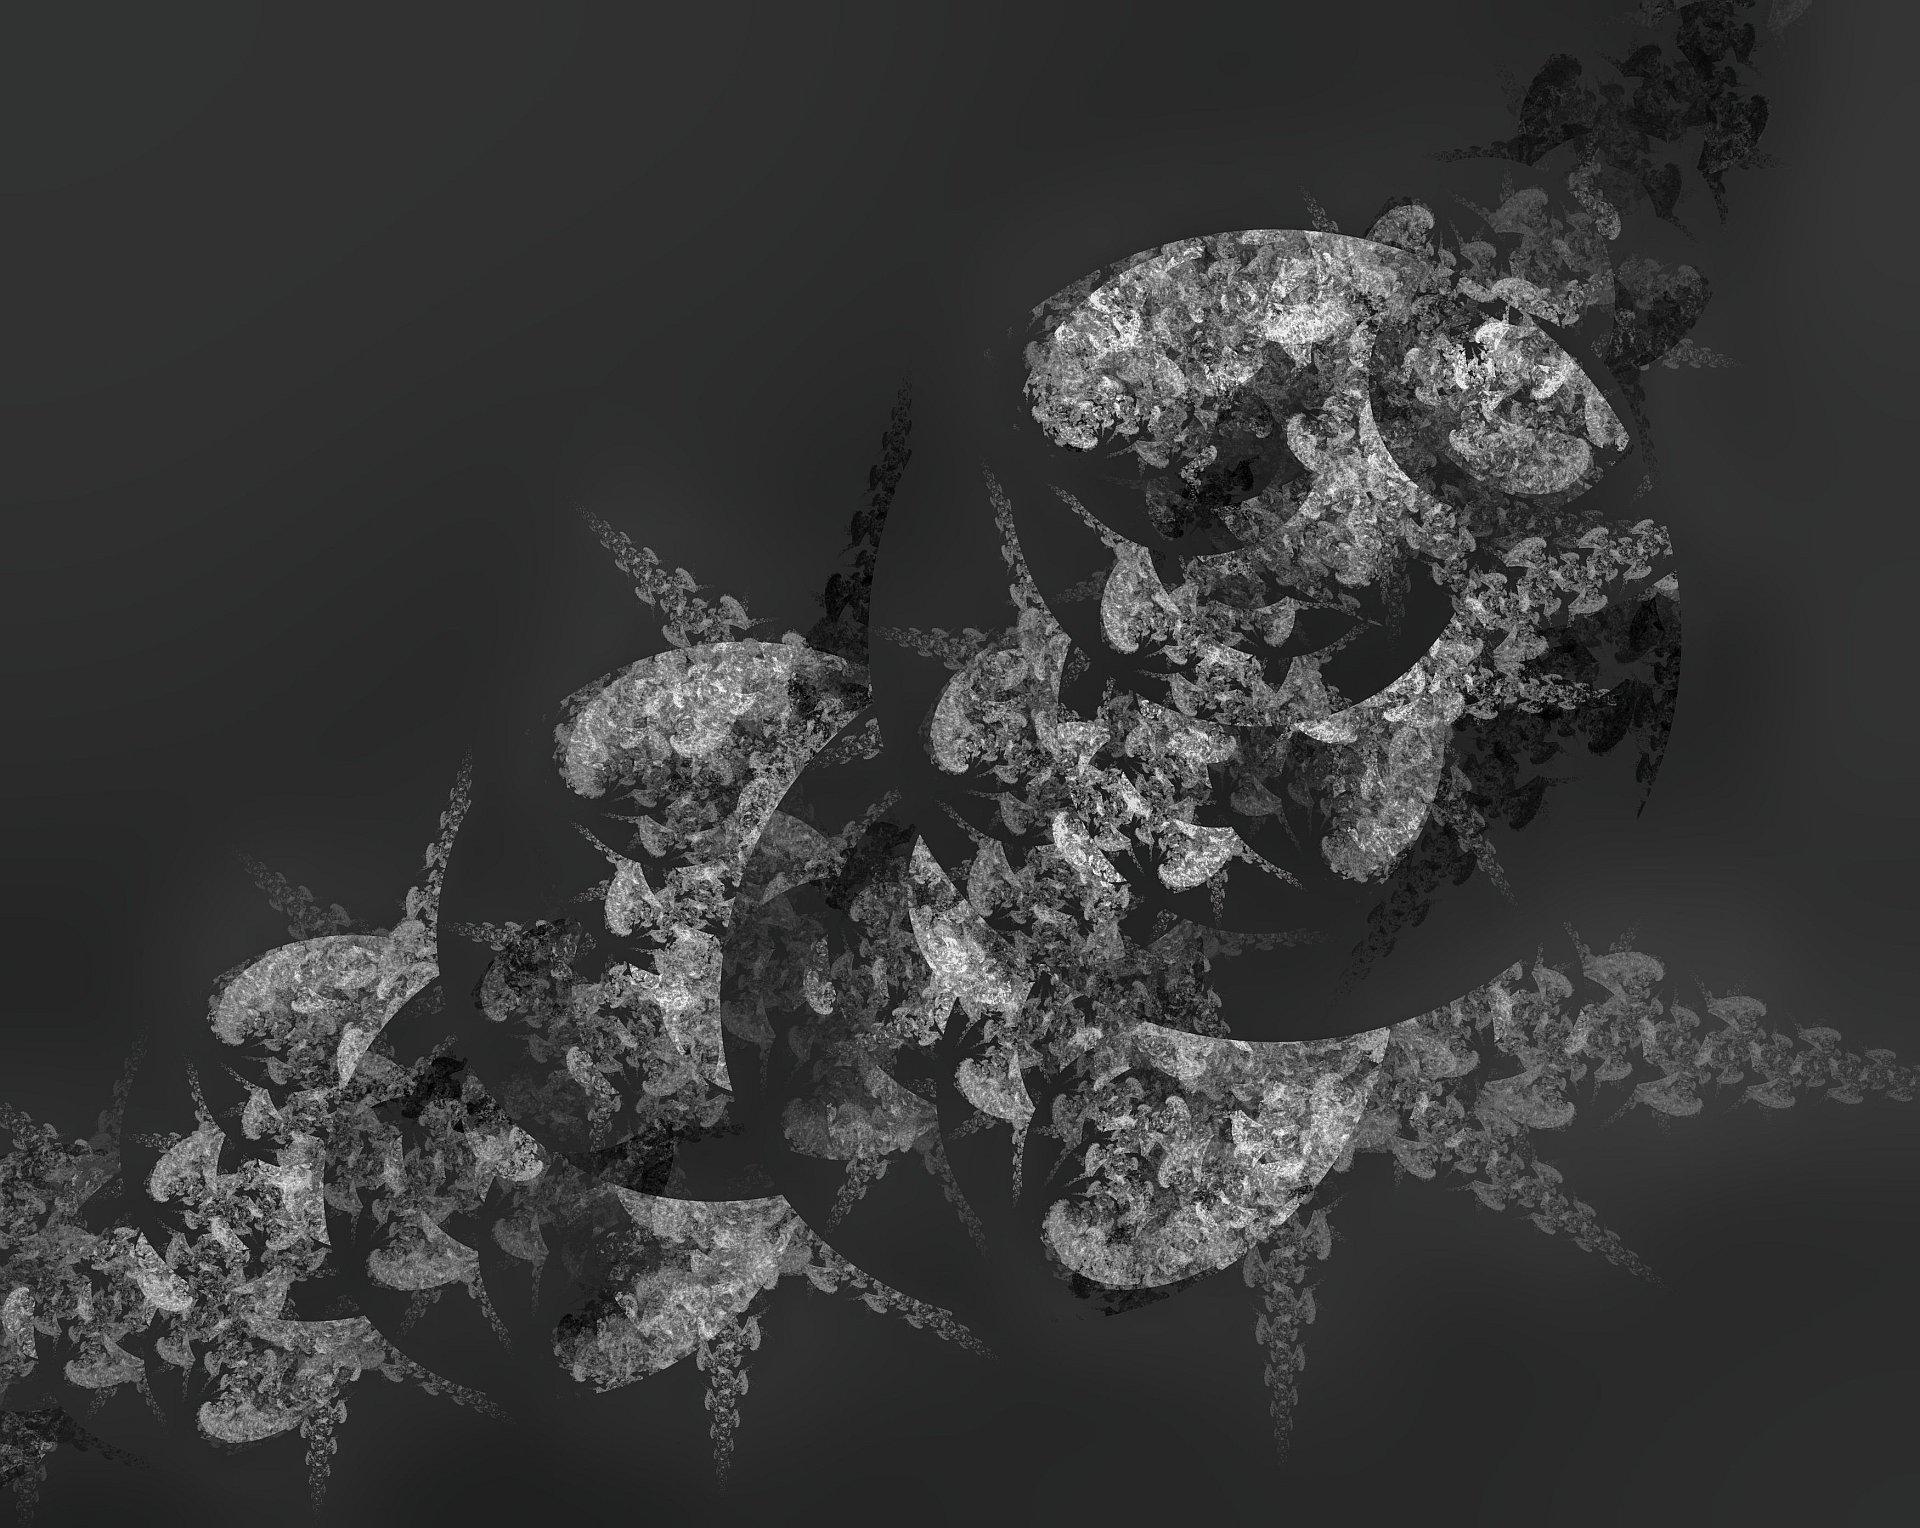 Blumenstrauß Black and White